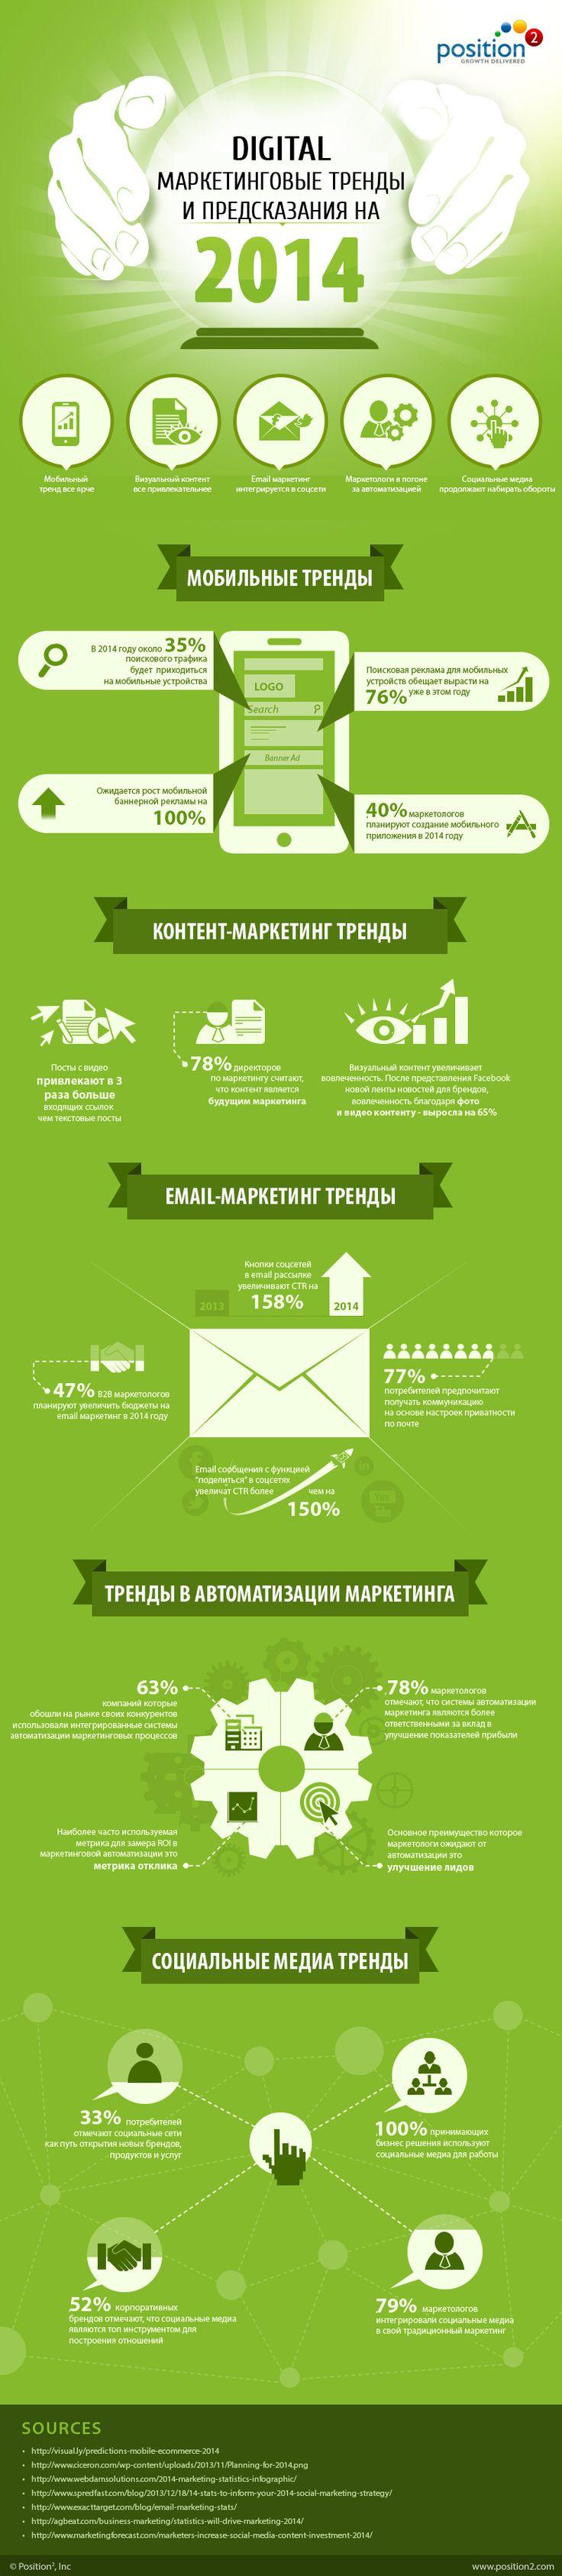 http://rusability.ru/wp-content/uploads/2014/05/Digital.-Marketingovyie-trendyi-i-predskazaniya-2014.-Infografika.png